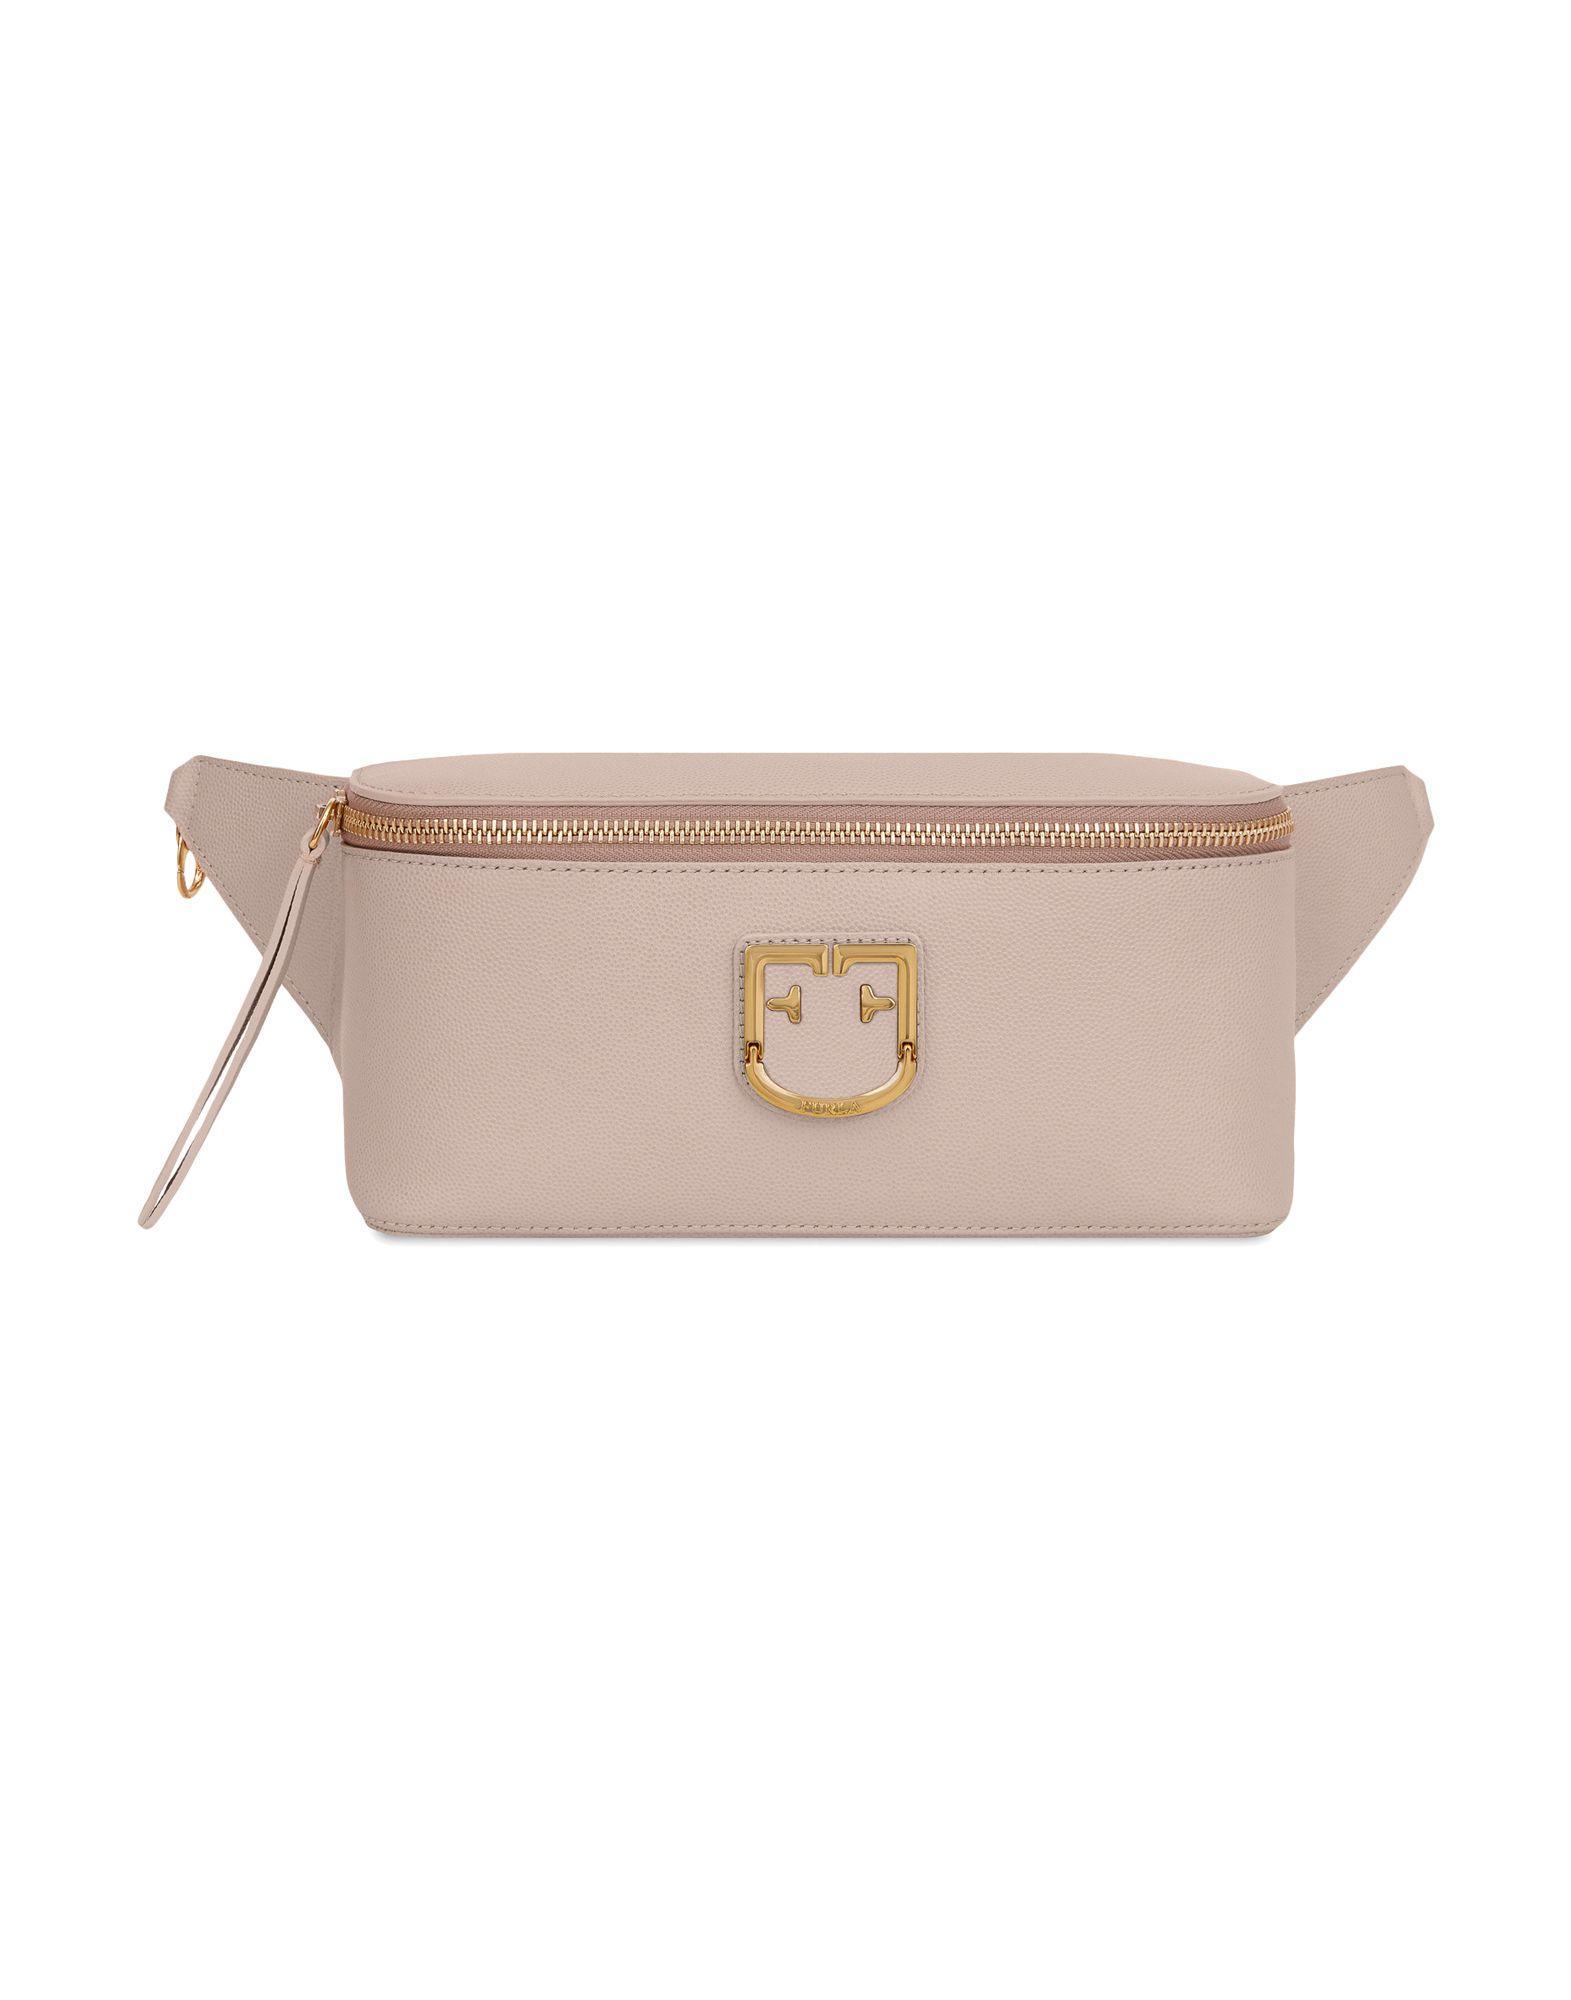 eb516e7ff037 Женские деловые сумки Furla купить в интернет магазине - официальный ...